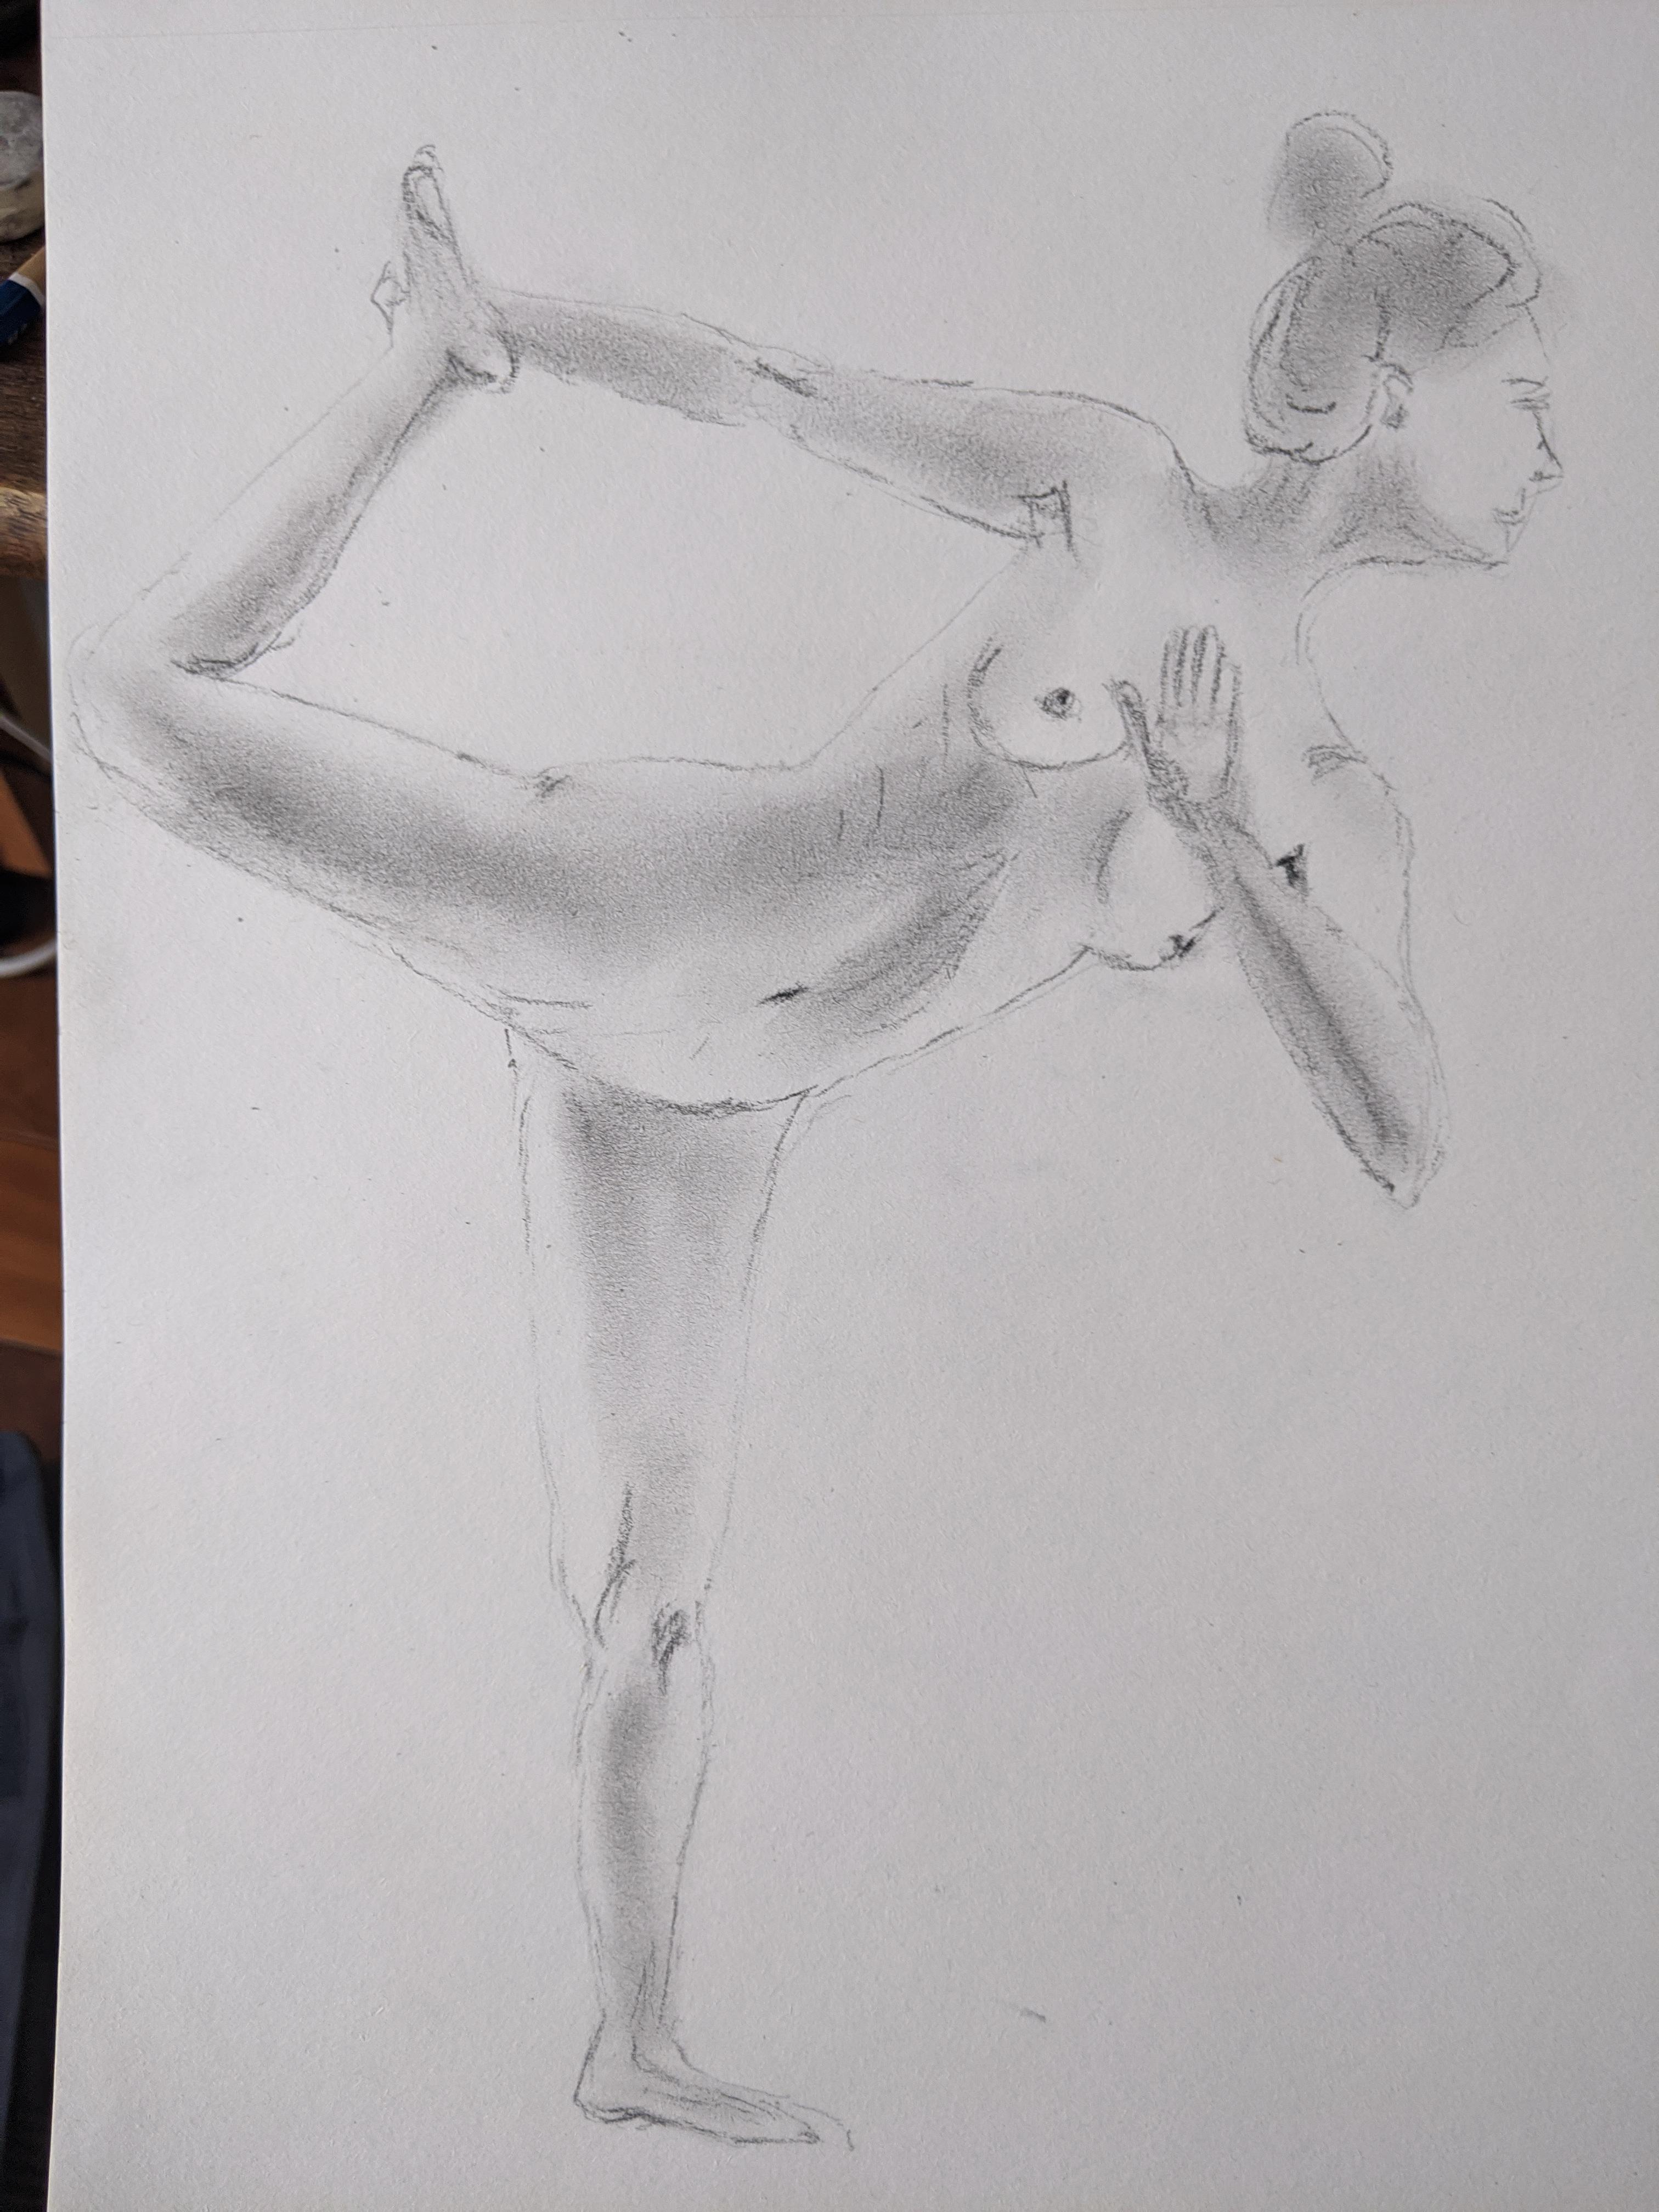 Dessin graphite estompe danseuse sur papier  cours de dessin